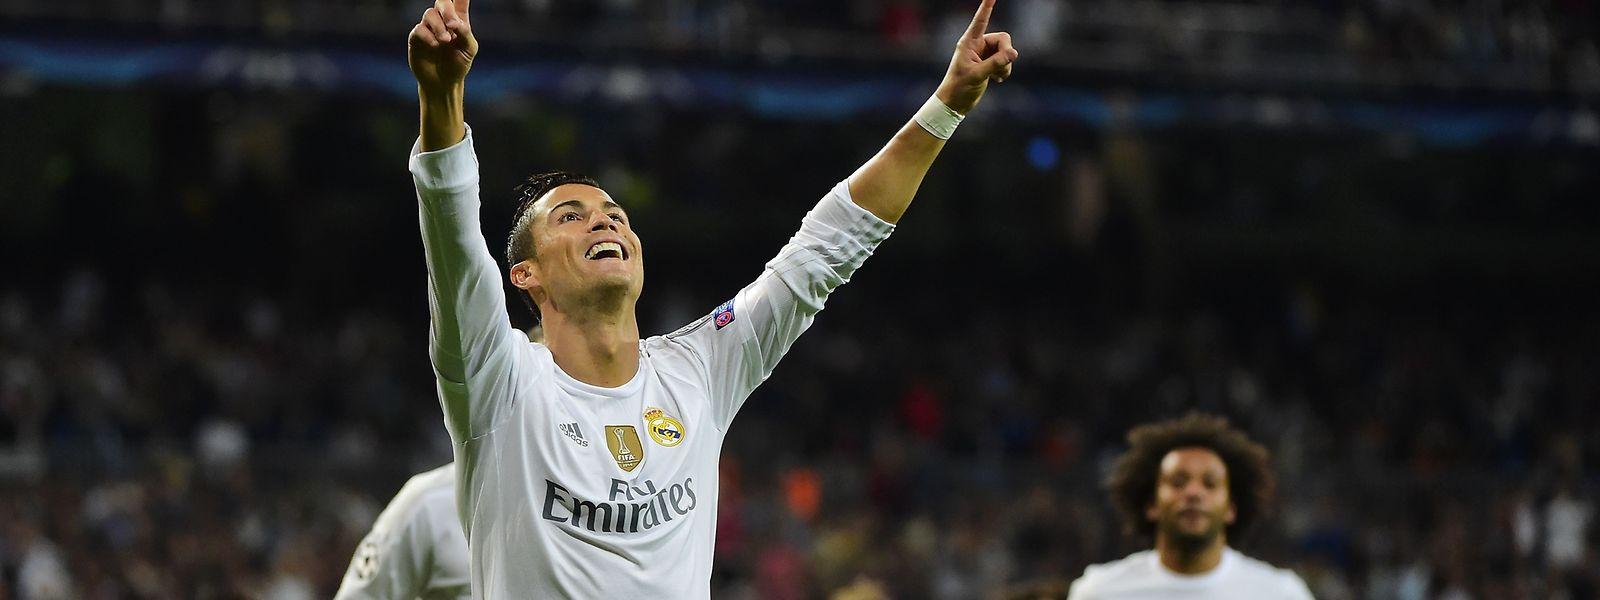 Cristiano Ronaldo estreia-se na 'Champions' com um 'hat-trick'